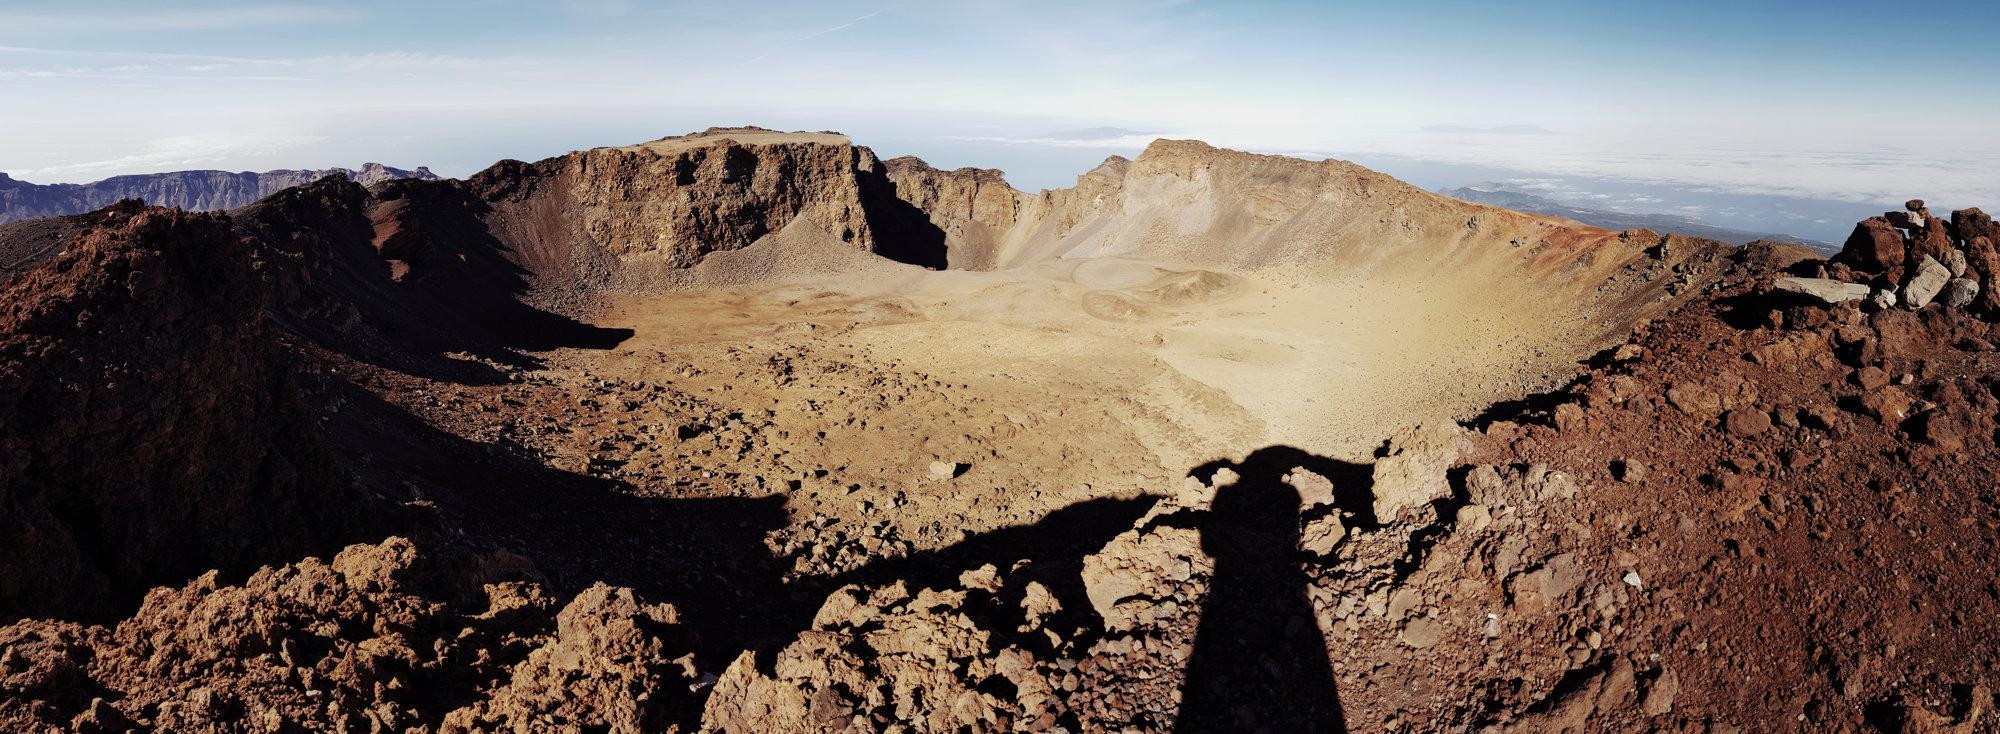 Der beeindruckende Pico Viejo Krater